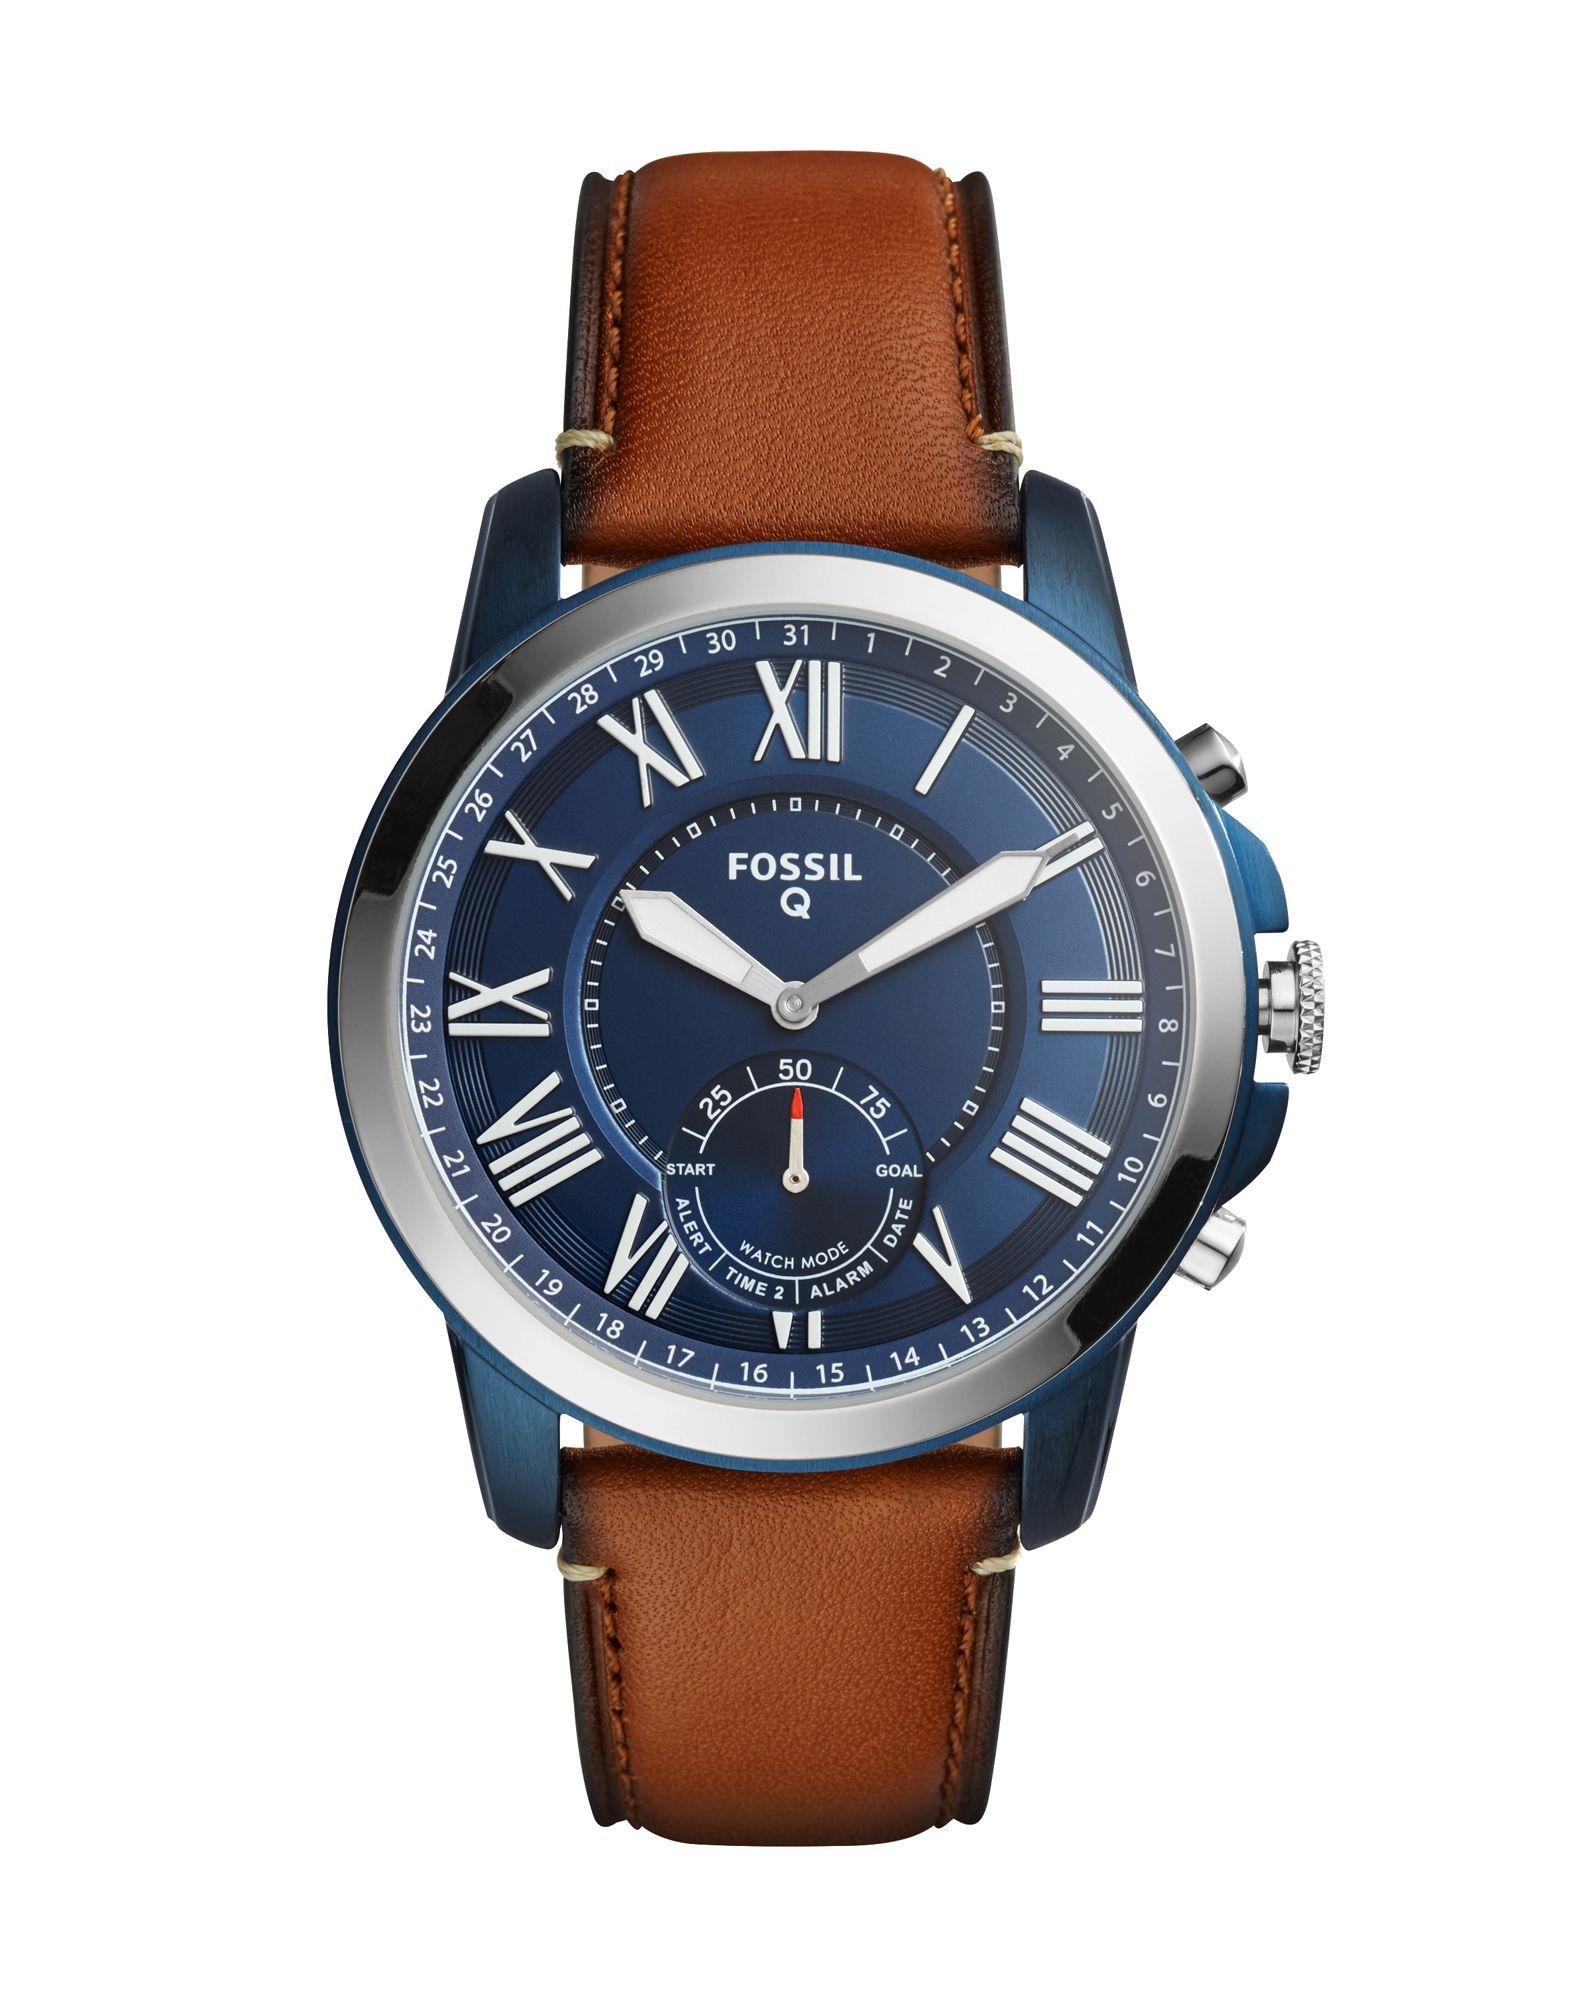 FOSSIL Q Herren Smartwatch Farbe Braun Größe 1 - broschei